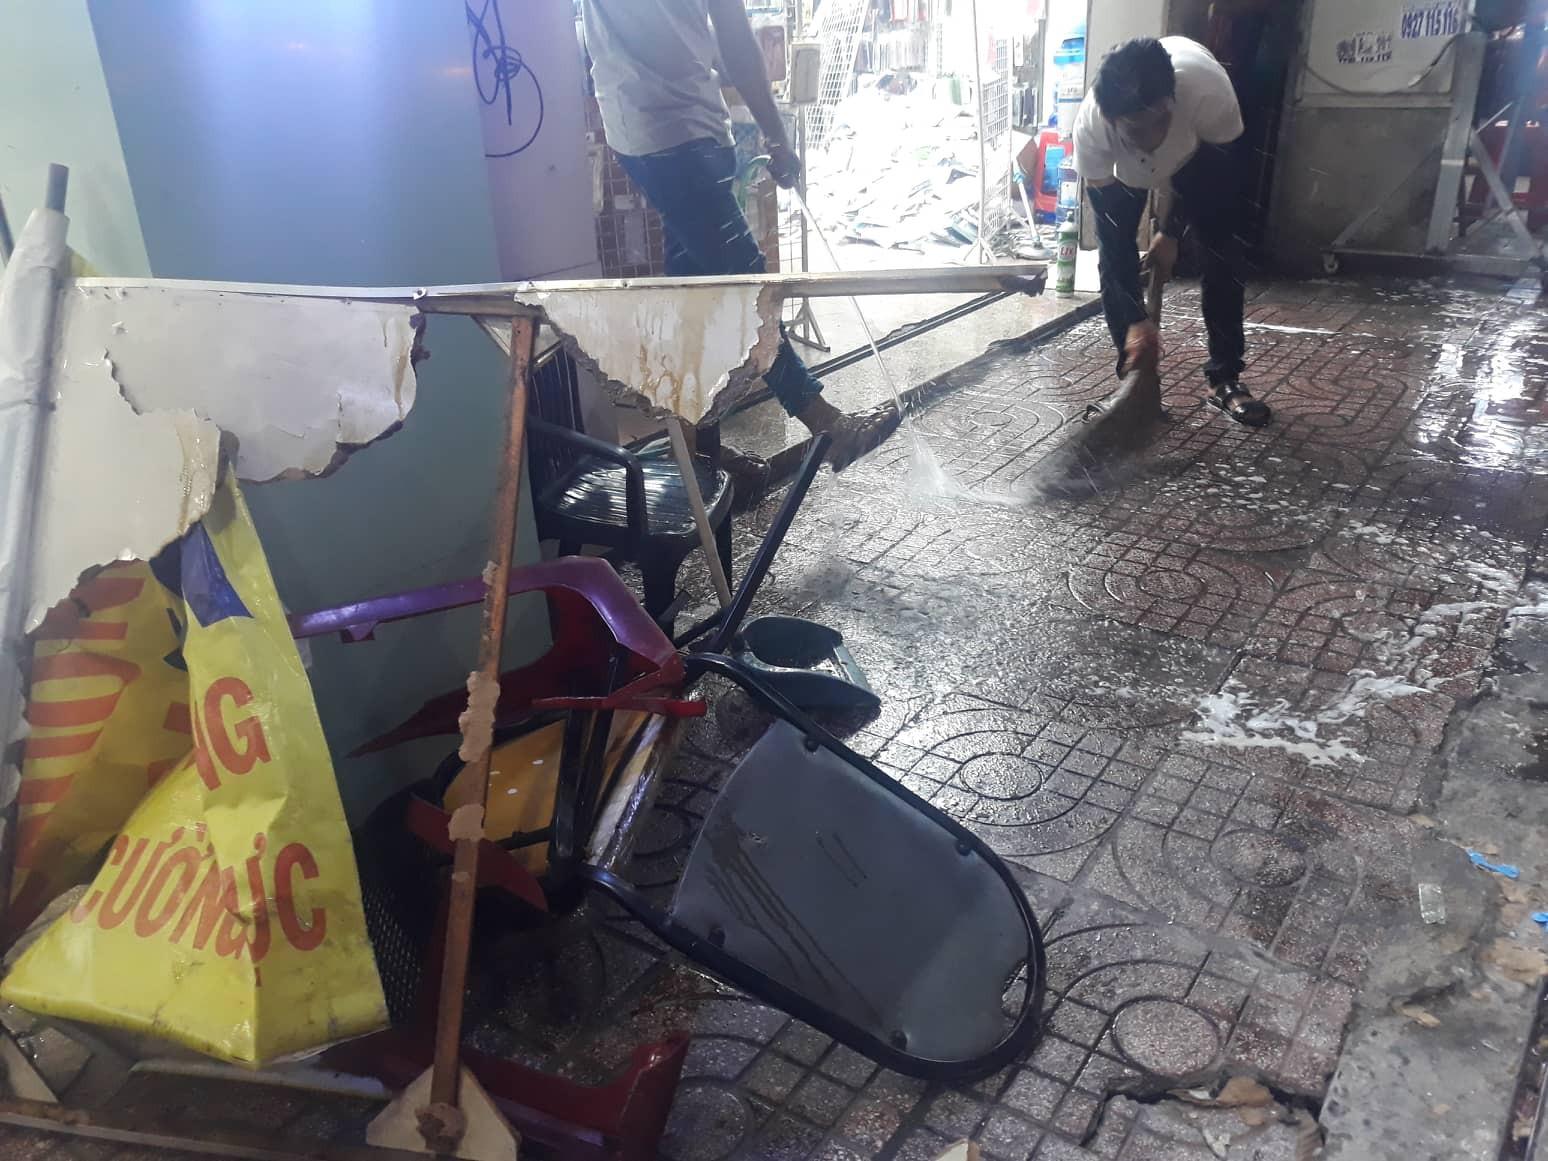 Người dân kể lại lúc nữ tài xế Mercedes tông một loạt xe máy: Cô ấy không say, nhưng chắc đi giày cao gót nên vướng chân ga-3